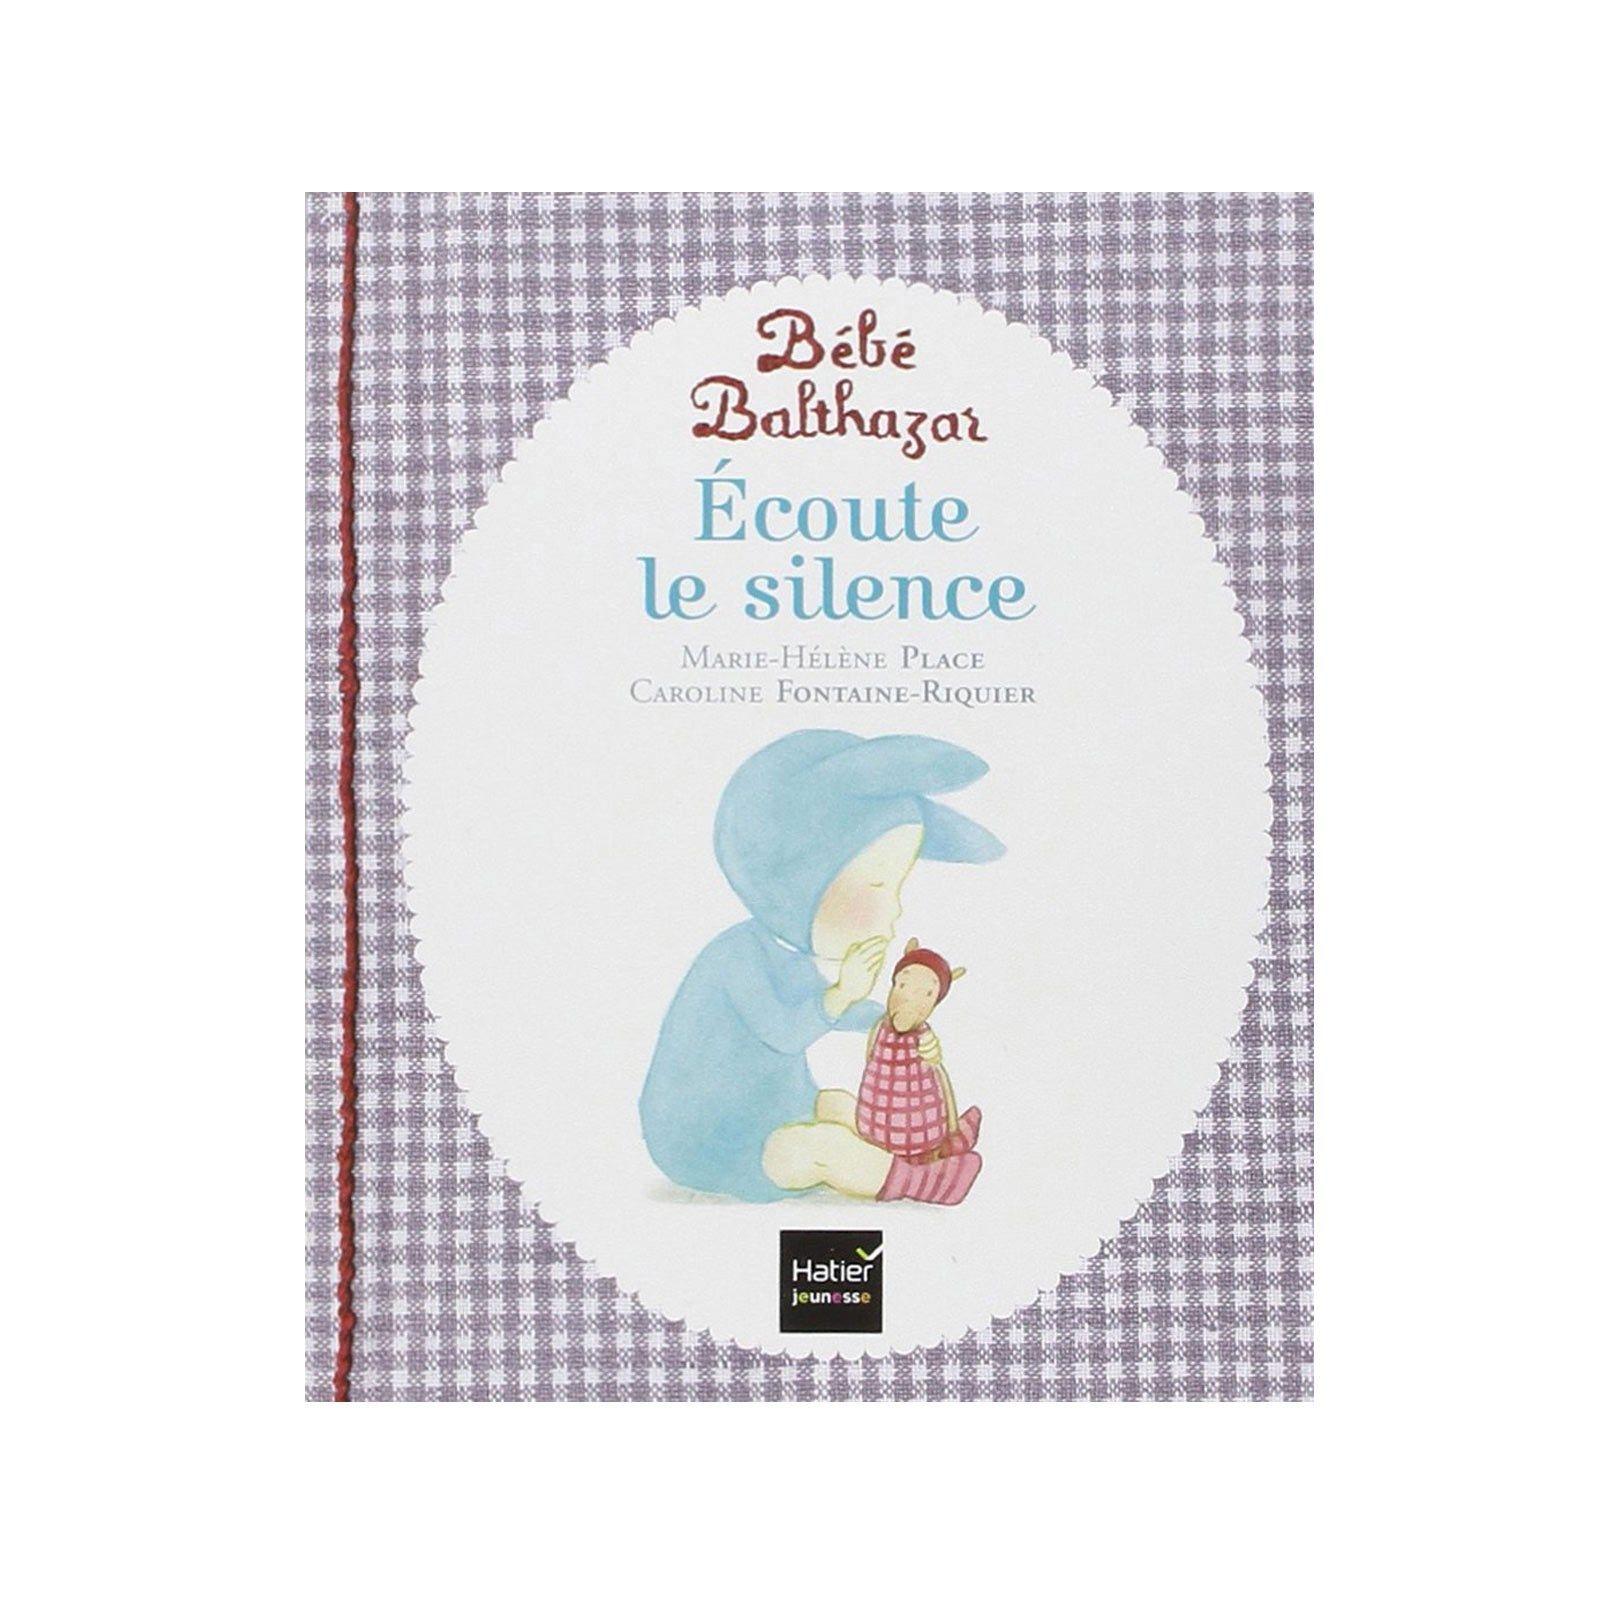 Bébé Balthazar écoute le silence - Un livre pour les tout-petits inspiré de la pédagogie de Maria Montessori - 5,95 €